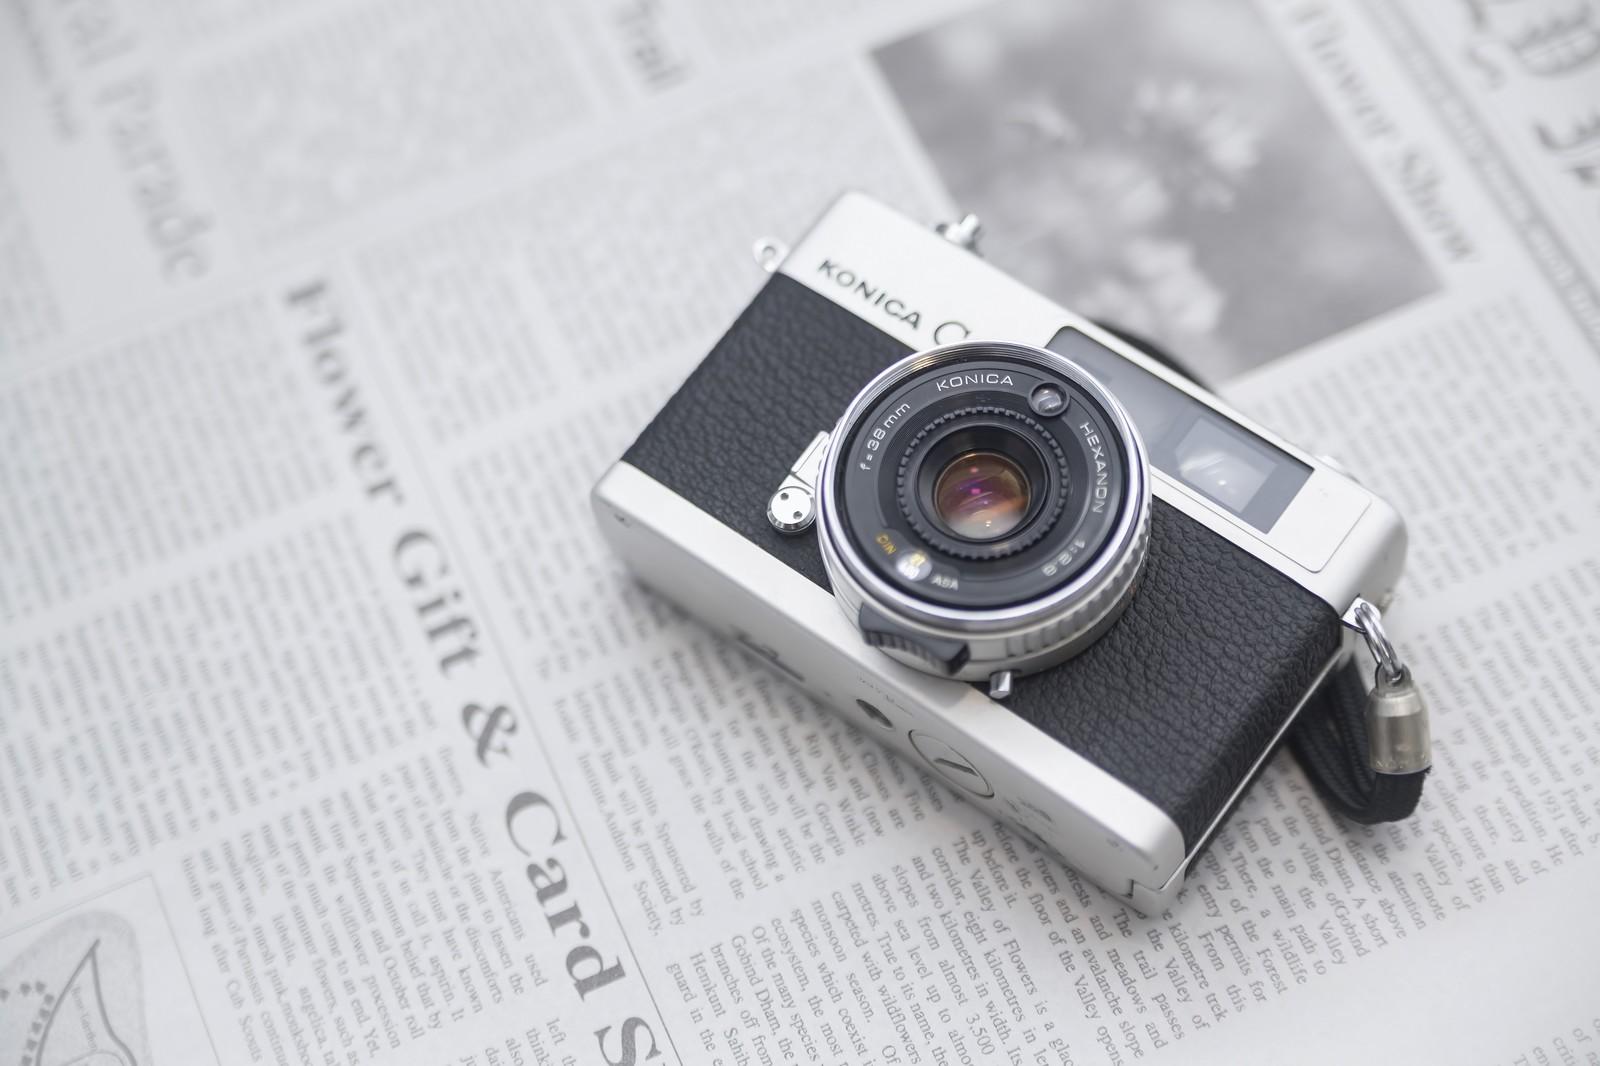 SONY (ソニー) ビデオカメラ・デジカメ 対応リモコン情報まとめ